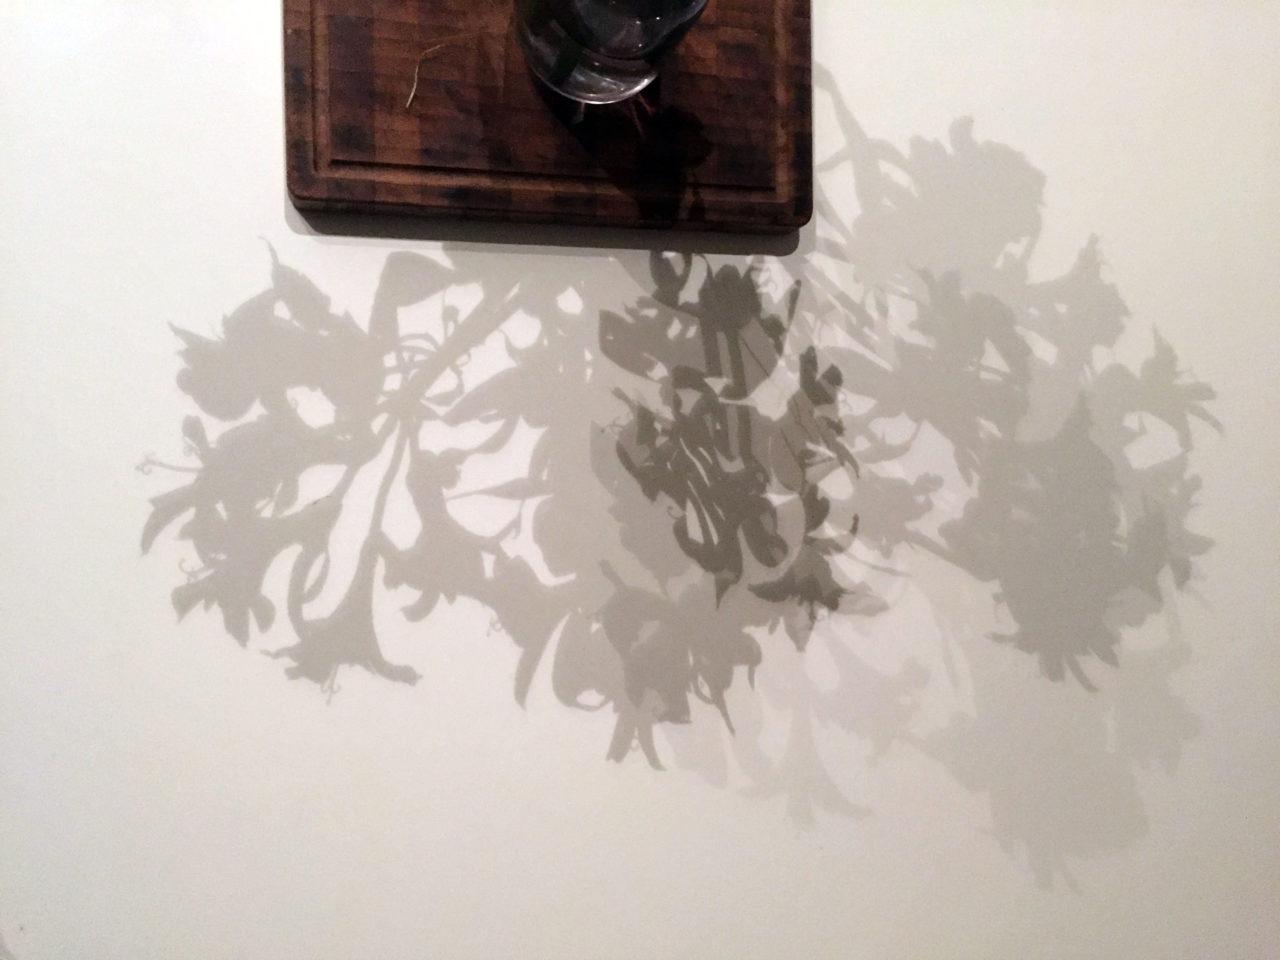 Instal·lació/performance amb la col·laboració de Massimiliano Moro